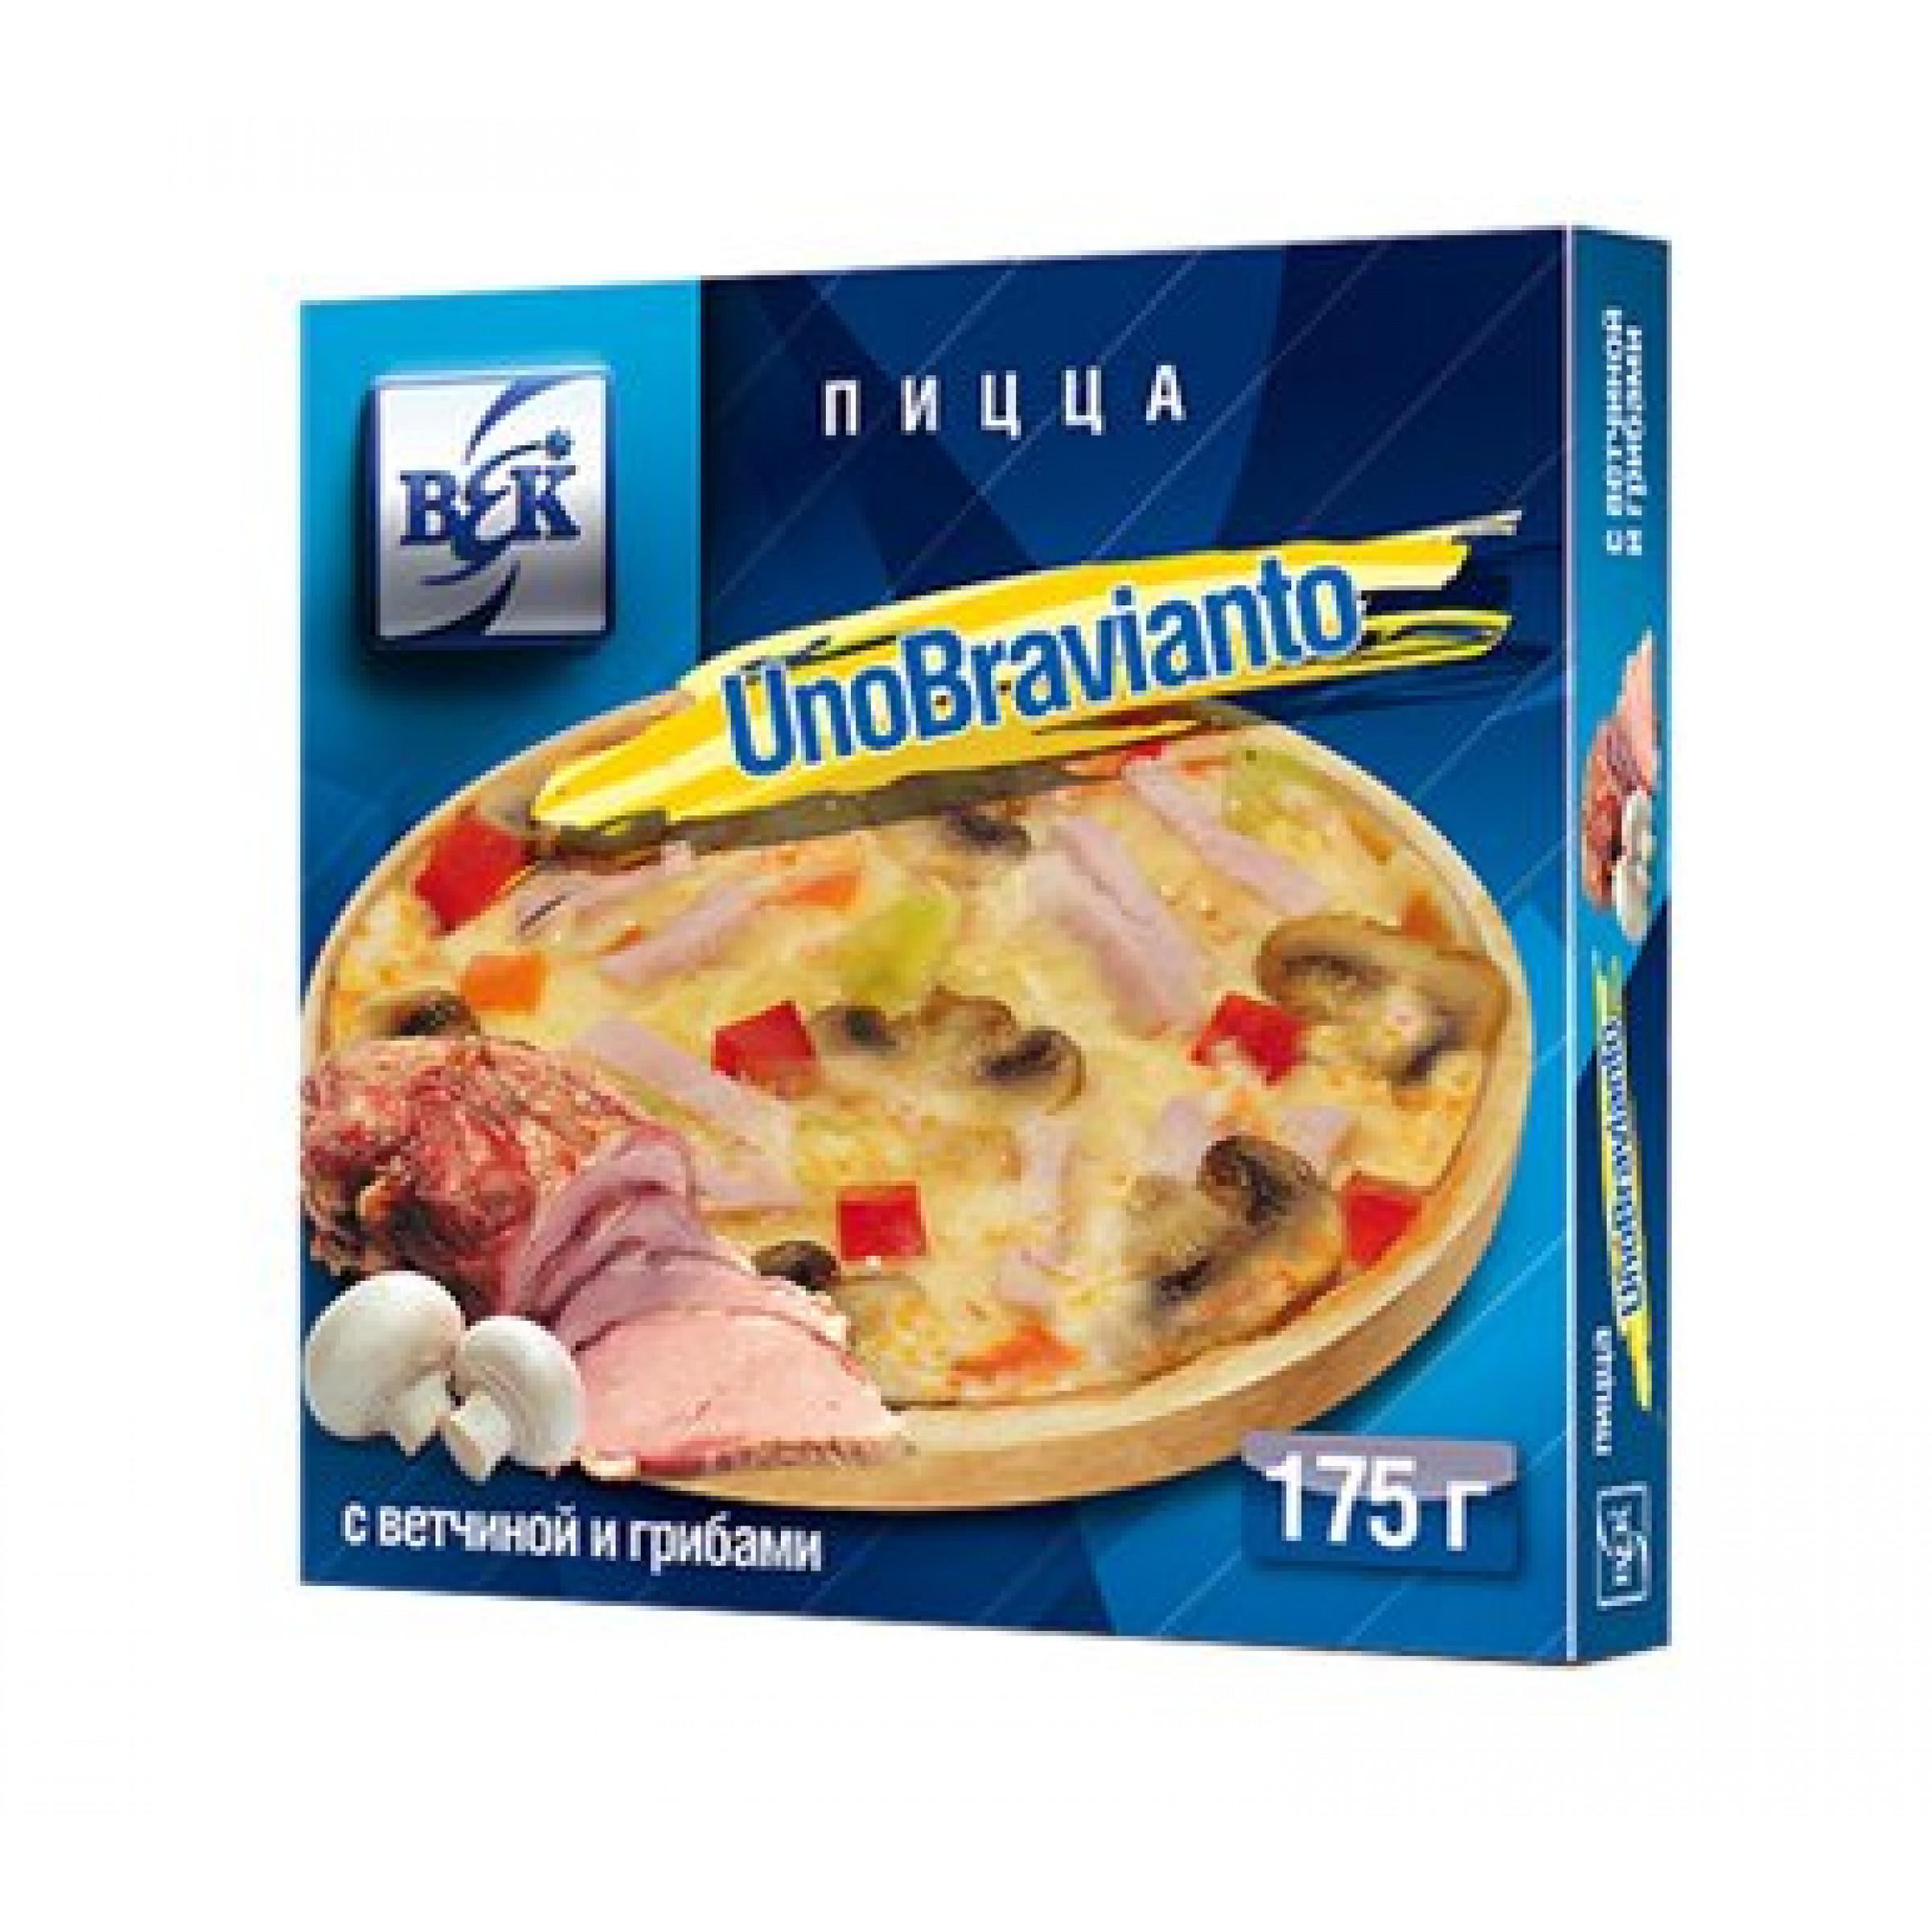 """Пицца """"UnoBravianto"""" с ветчиной и грибами в коробочке, 175гр"""